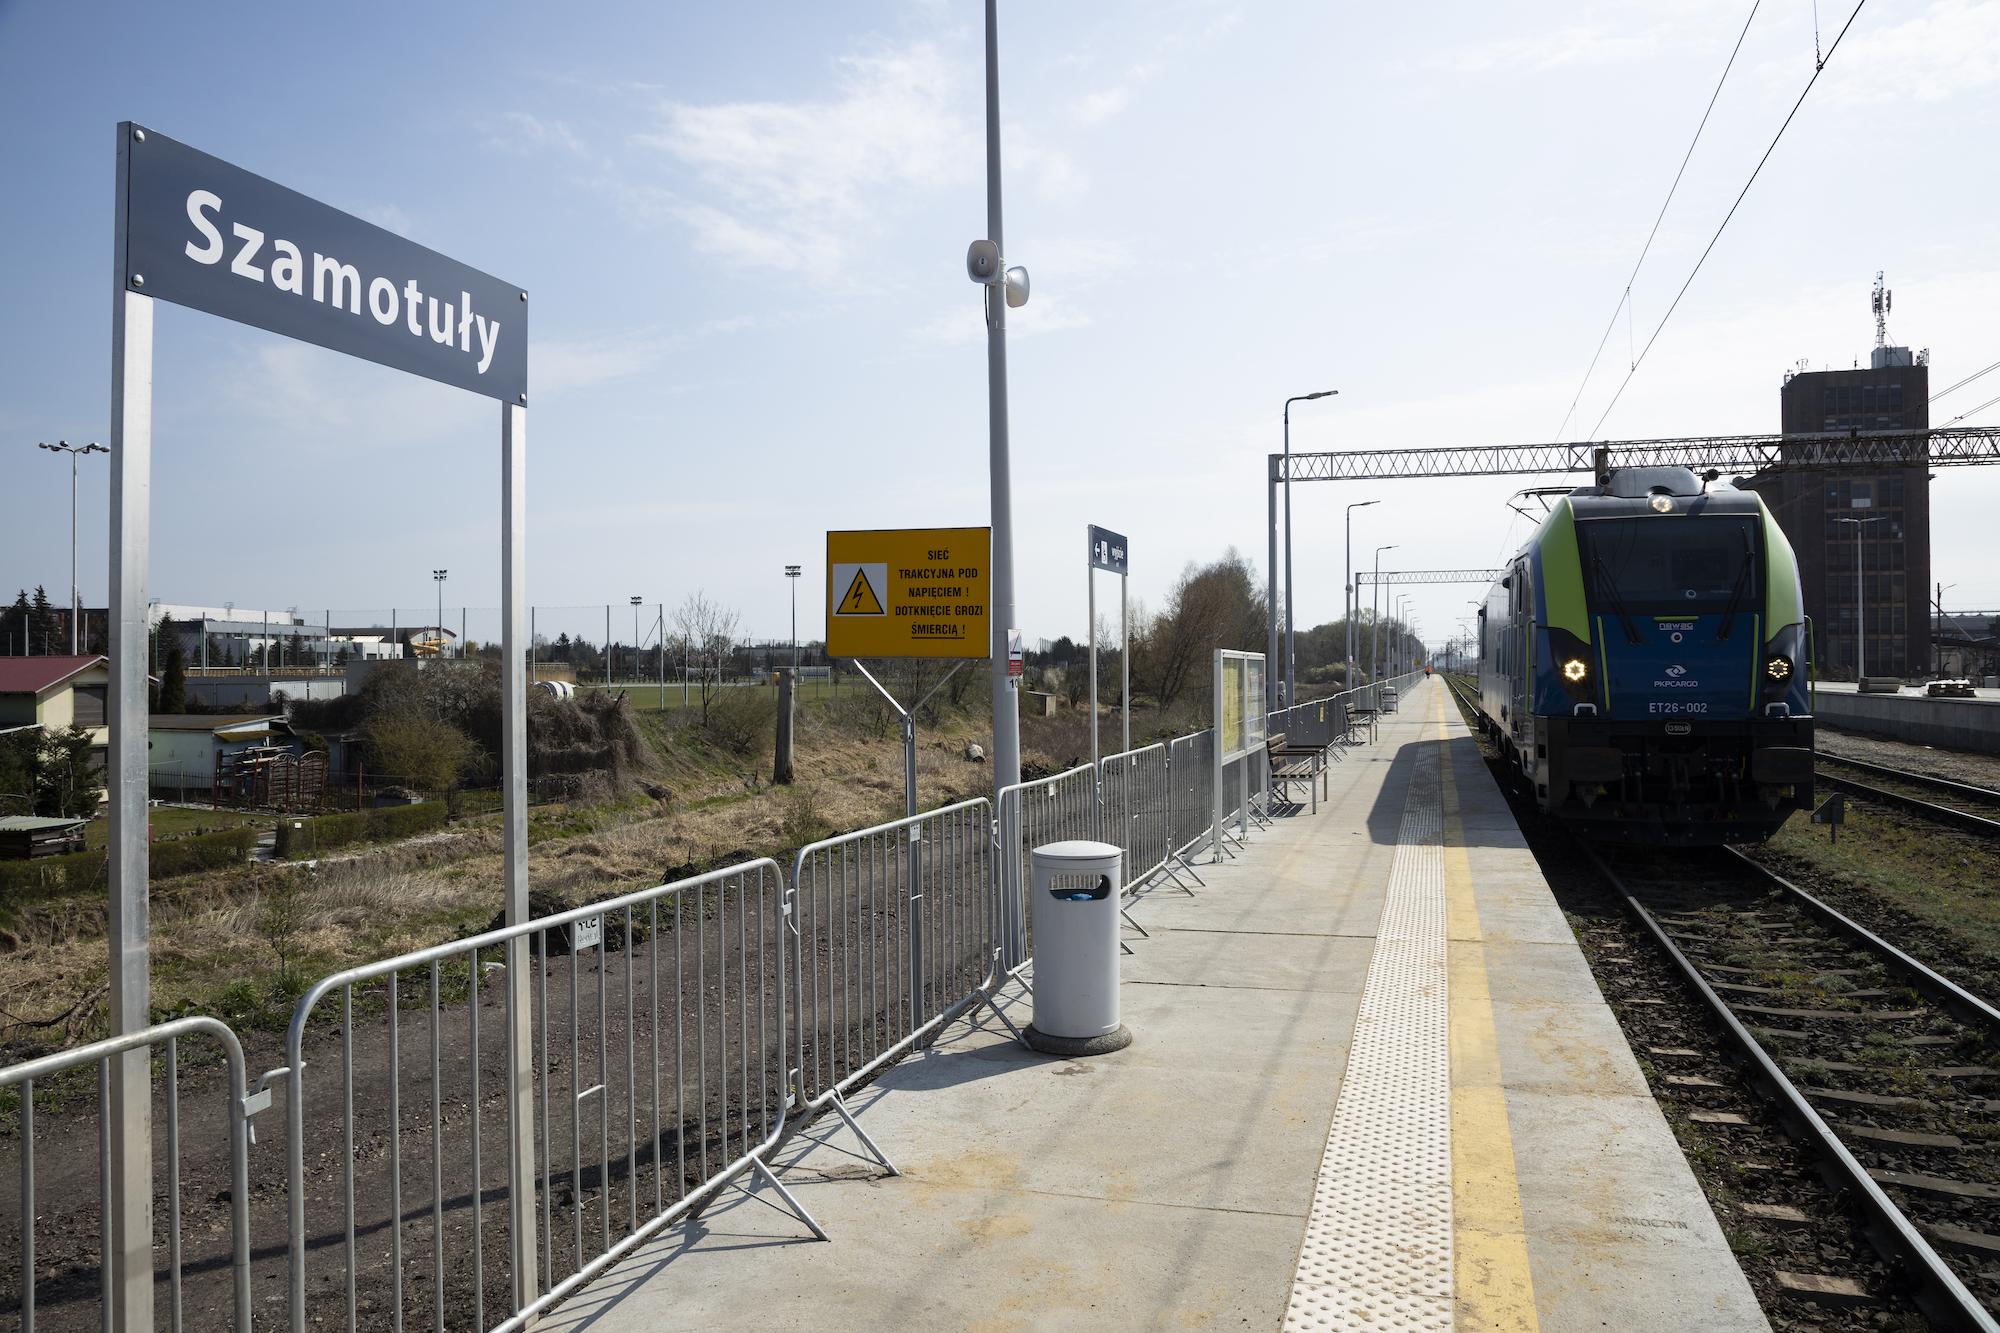 Zdjęcie przedstawia gotowy peron, z którego odjeżdża pociąg na stacji Szamotuły.